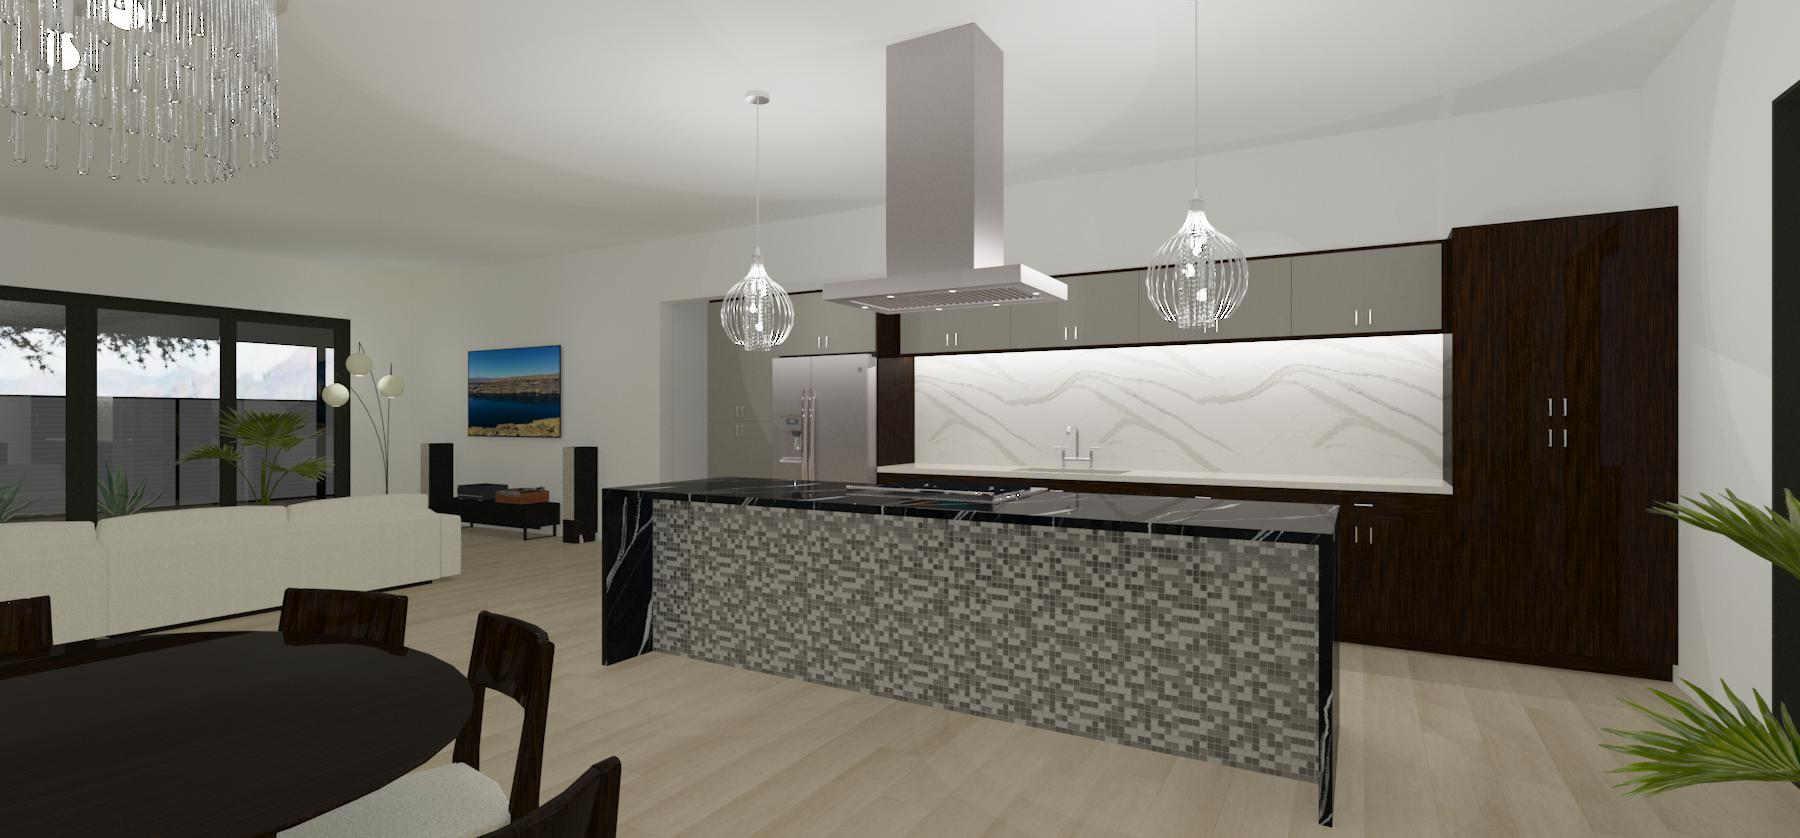 modern kitchen design construction in phoenix